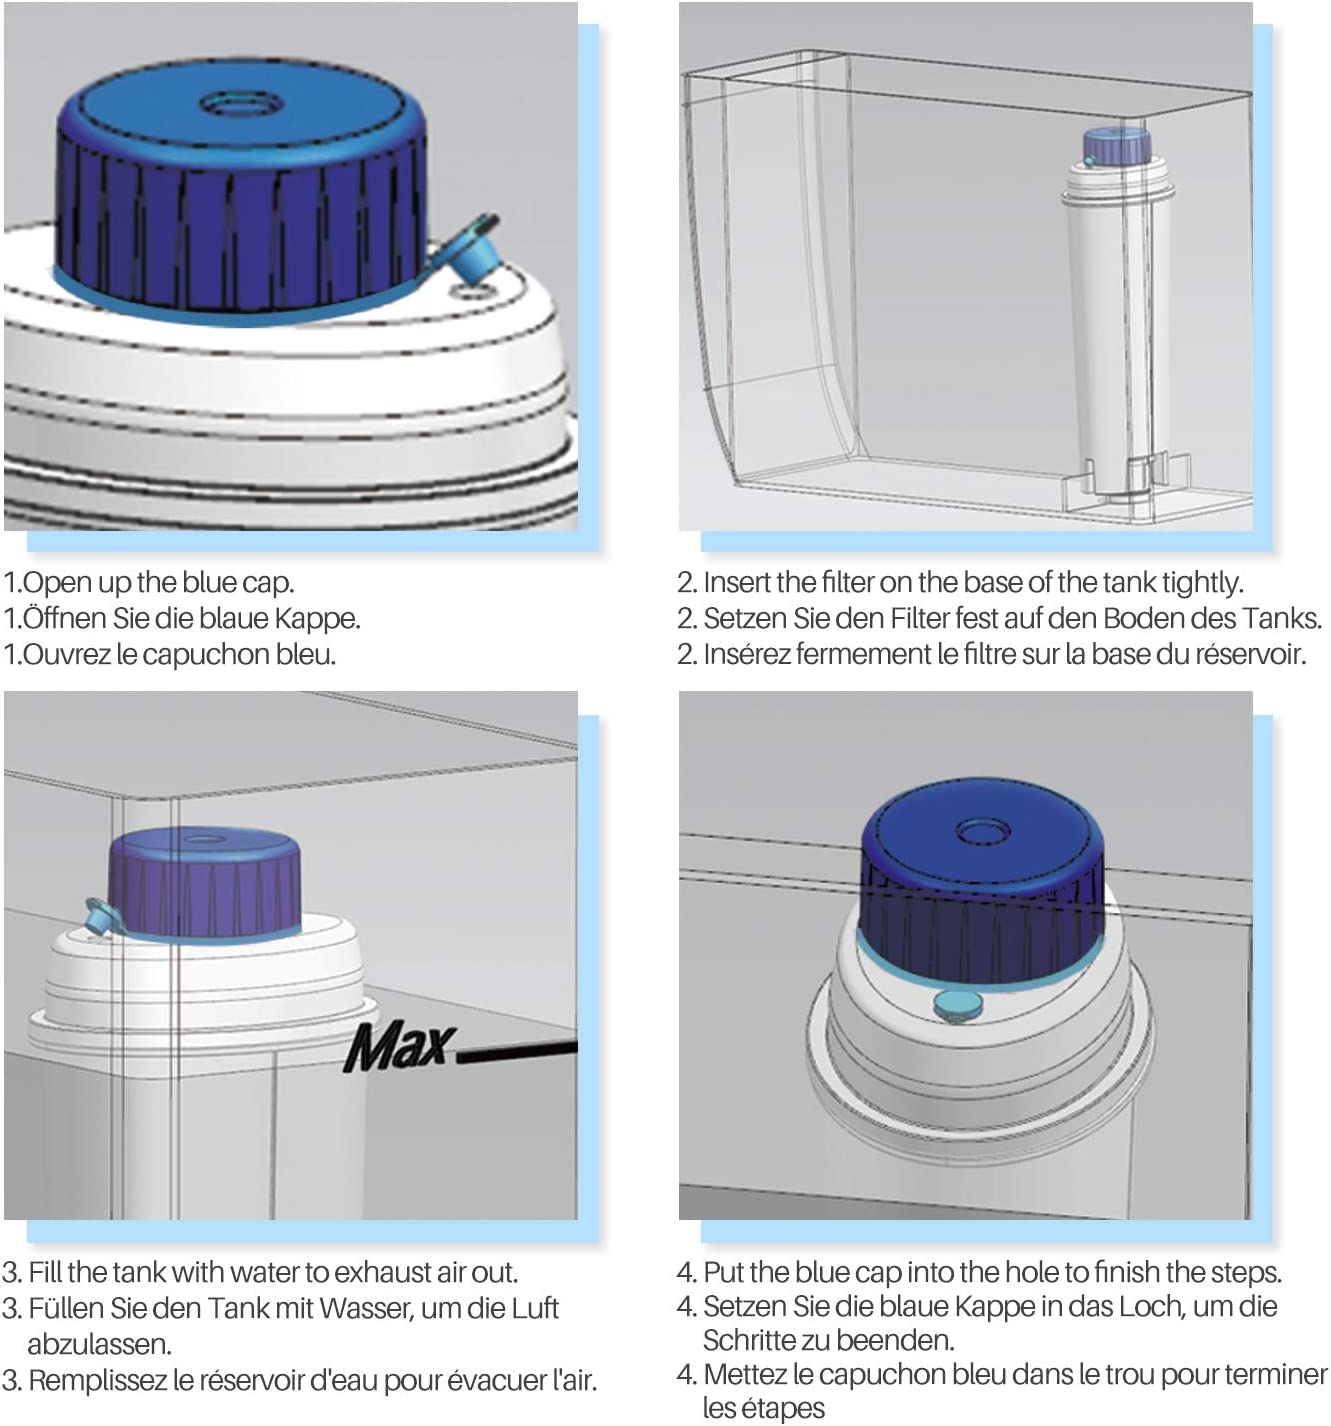 ETAM Serie von everspring inklusive Versionen der ECAM ESAM SER3017 /& 5513292811 Kaffee-Maschine Wasserfilter Kompatibel mit DeLonghi DLSC002